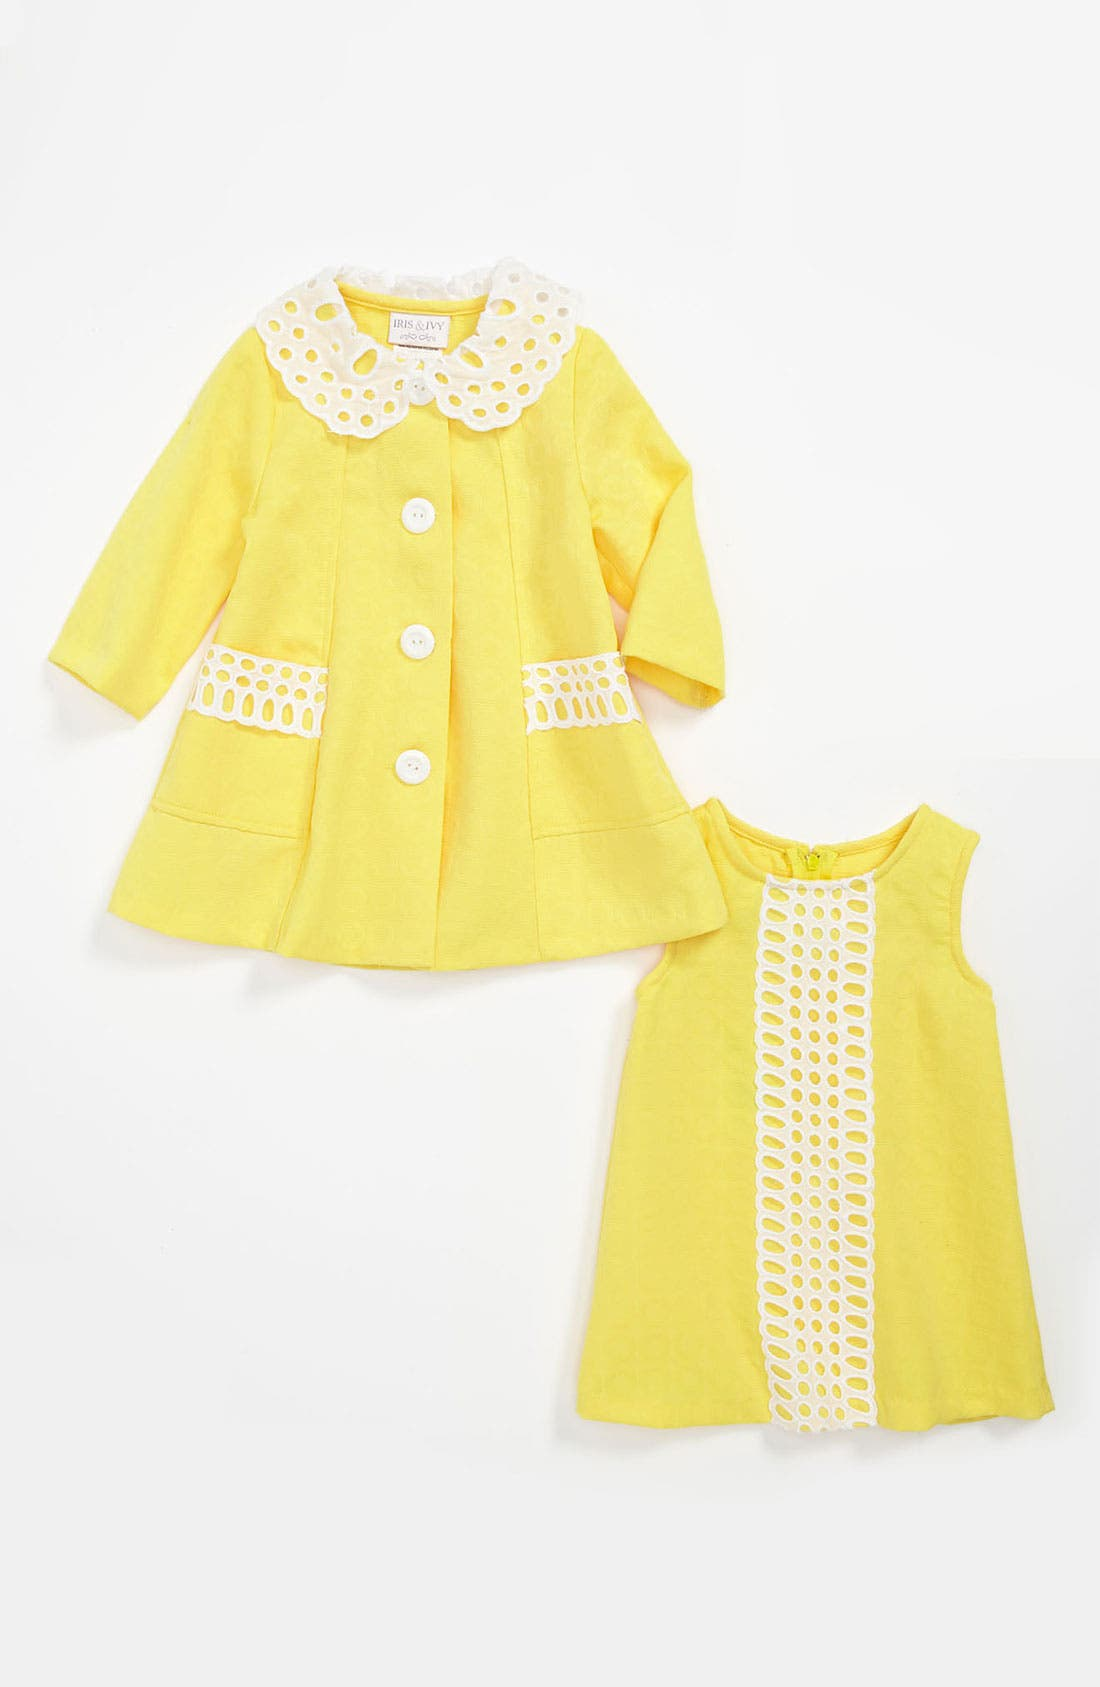 Main Image - Iris & Ivy Shift Dress & Jacket (Toddler)